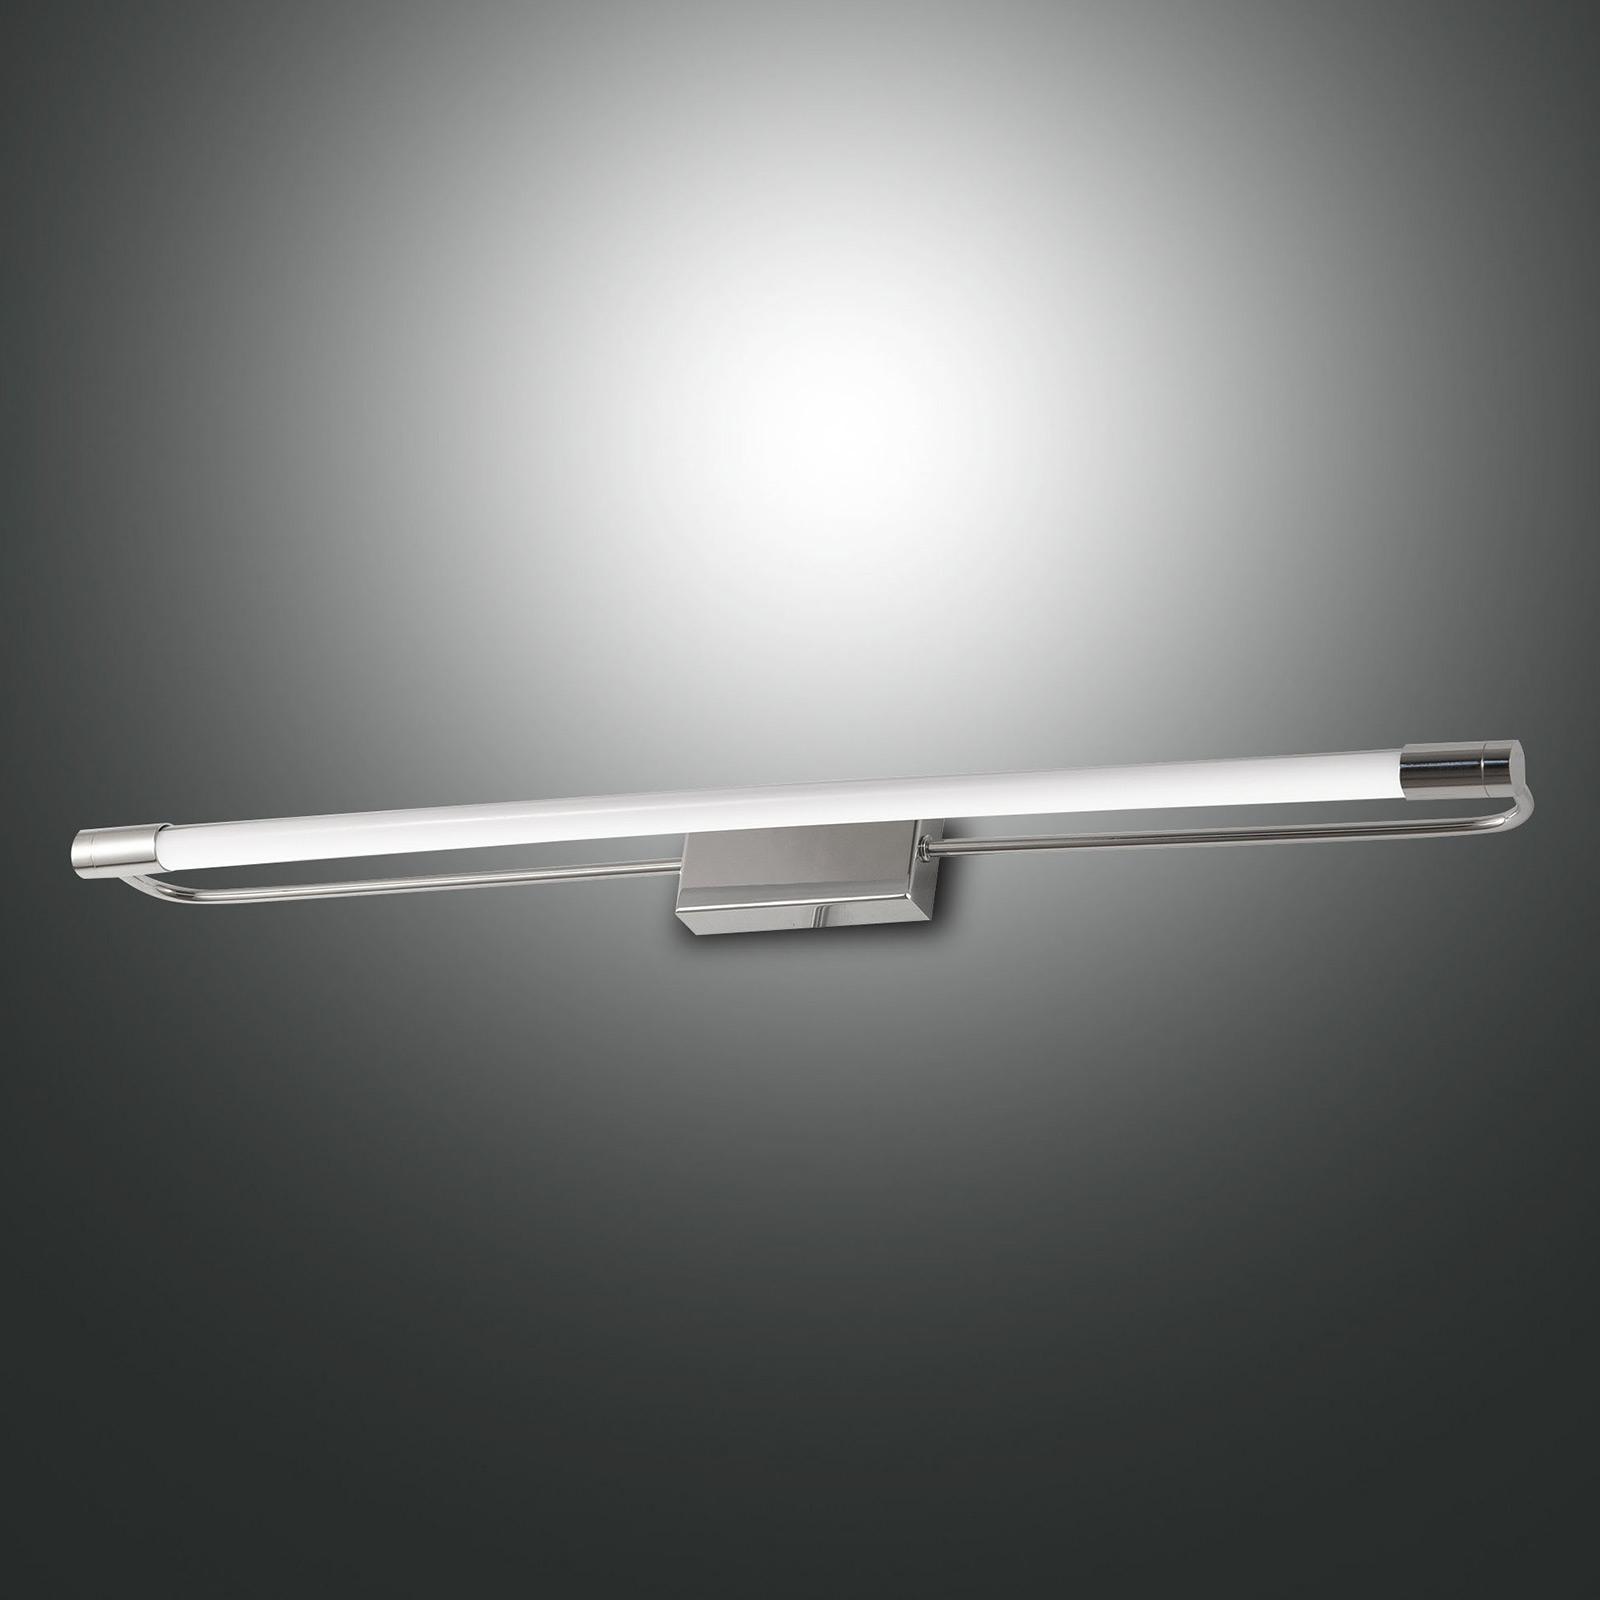 Applique LED Rapallo, chromée, IP44, 60cm